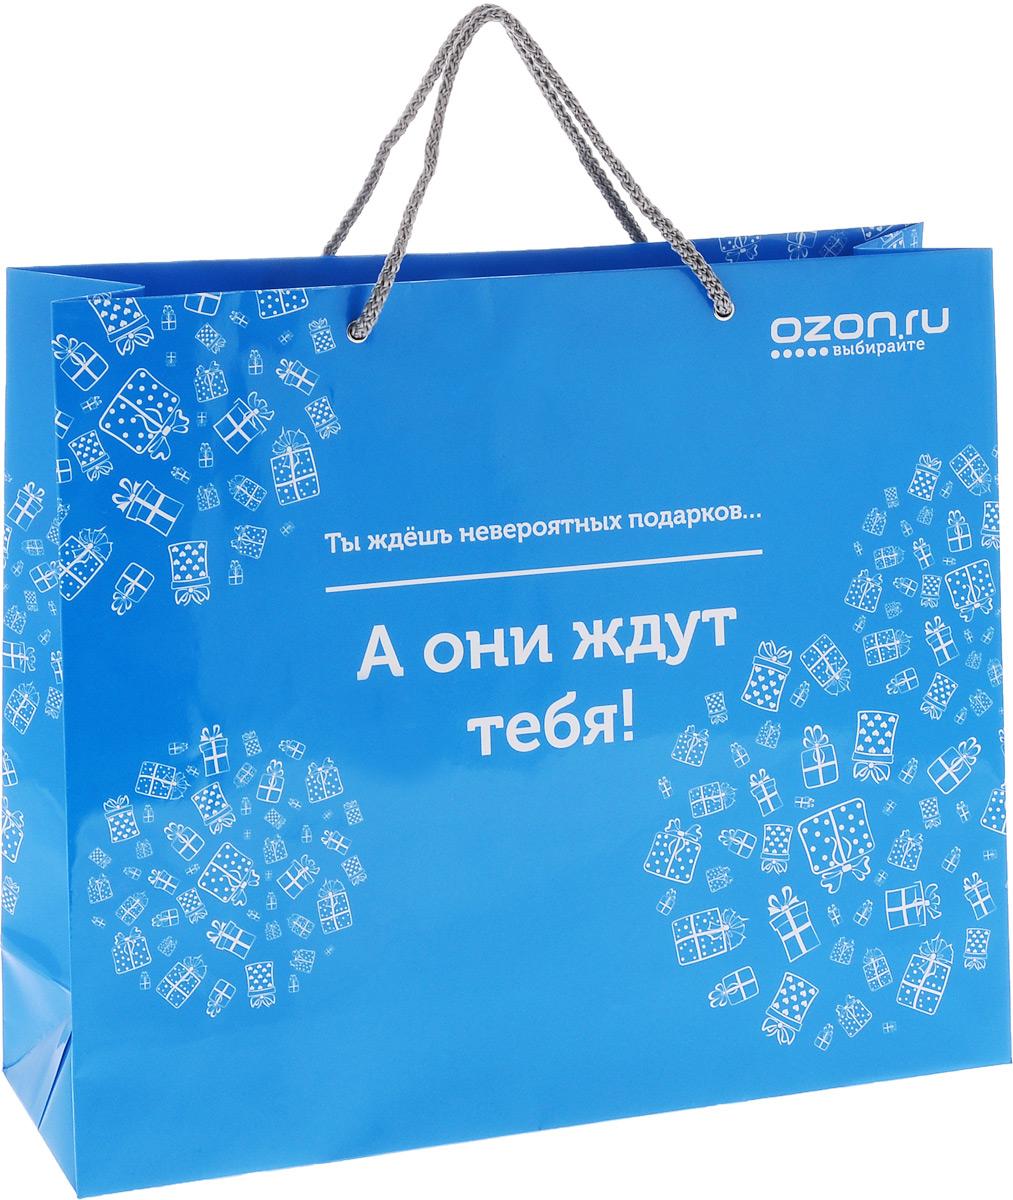 Пакет подарочный OZON.ru Ты ждешь невероятных подарков... А они ждут тебя!, 36 х 31 х 10 смNLED-454-9W-BKПакет подарочный OZON.ru Ты ждешь невероятных подарков, а они ждут тебя, изготовленный из ламинированной бумаги, станет незаменимым дополнением к выбранному подарку. Дно изделия укреплено плотным картоном, который позволяет сохранить форму пакета и исключает возможность деформации дна под тяжестью подарка. Для удобной переноски предусмотрены два шнурка.Подарок, преподнесенный в оригинальной упаковке, всегда будет самым эффектным и запоминающимся. Окружите близких людей вниманием и заботой, вручив презент в нарядном, праздничном оформлении.